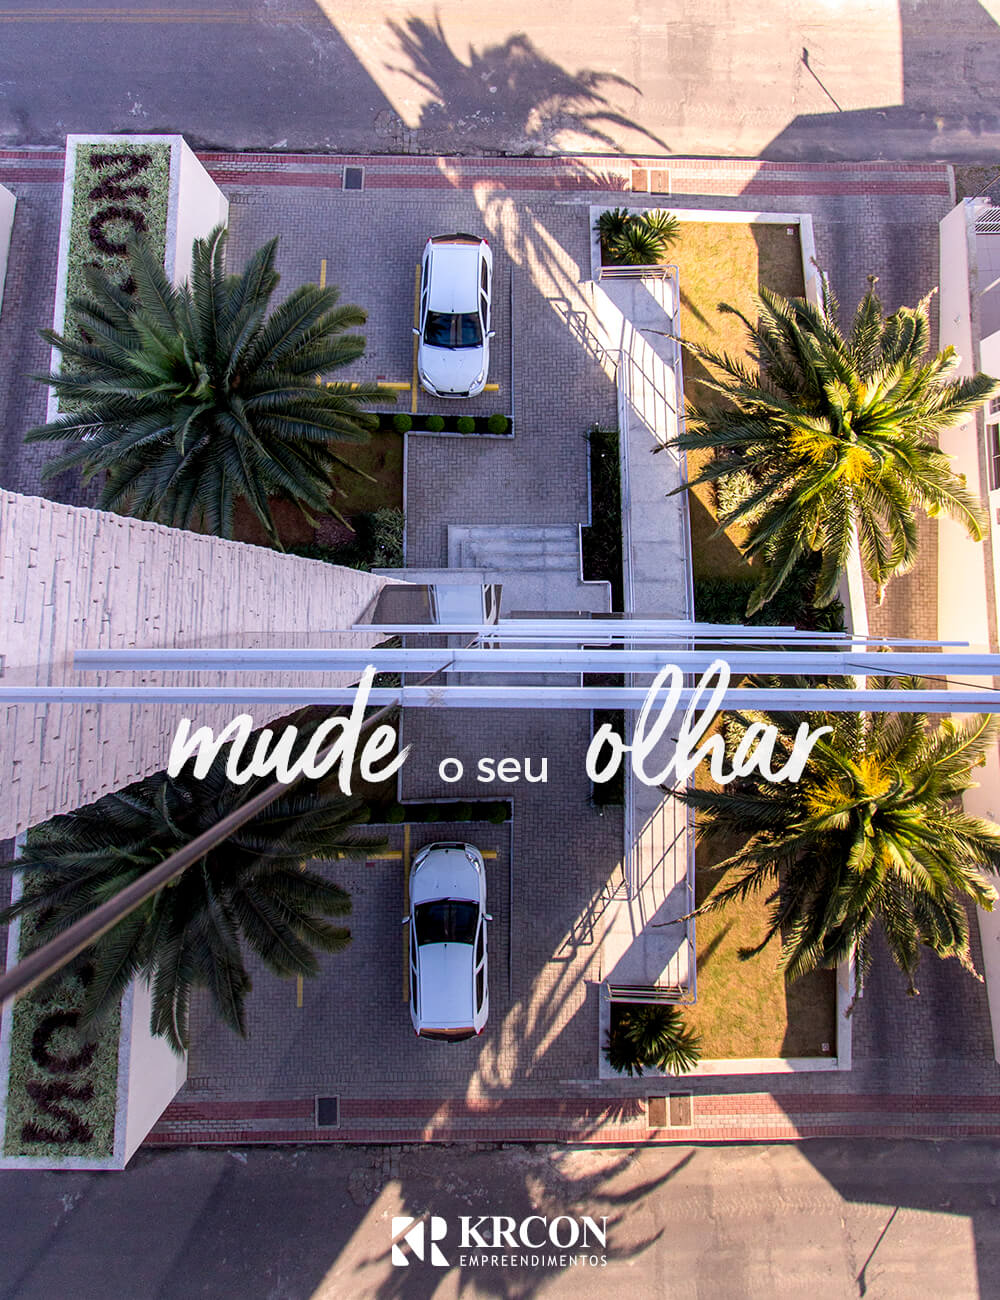 fotos_malbec_residence_krcon_empreendimentos_agencia_maisq_marketing_publicidade_propaganda_brusque